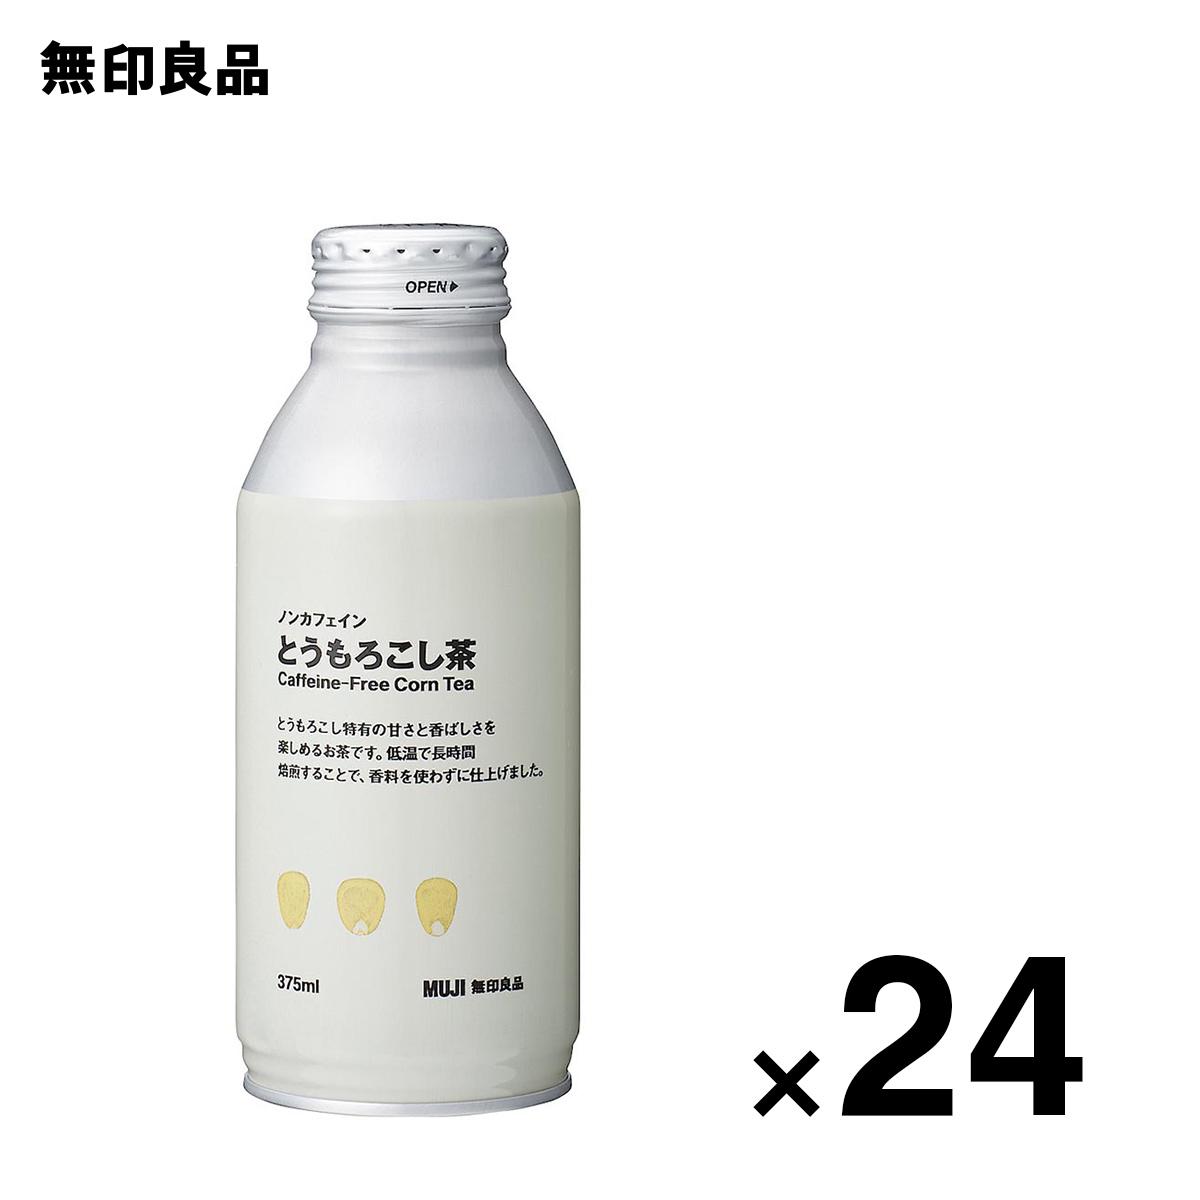 無印良品 公式 ノンカフェイン 375ml24個セット とうもろこし茶 驚きの価格が実現 限定Special Price